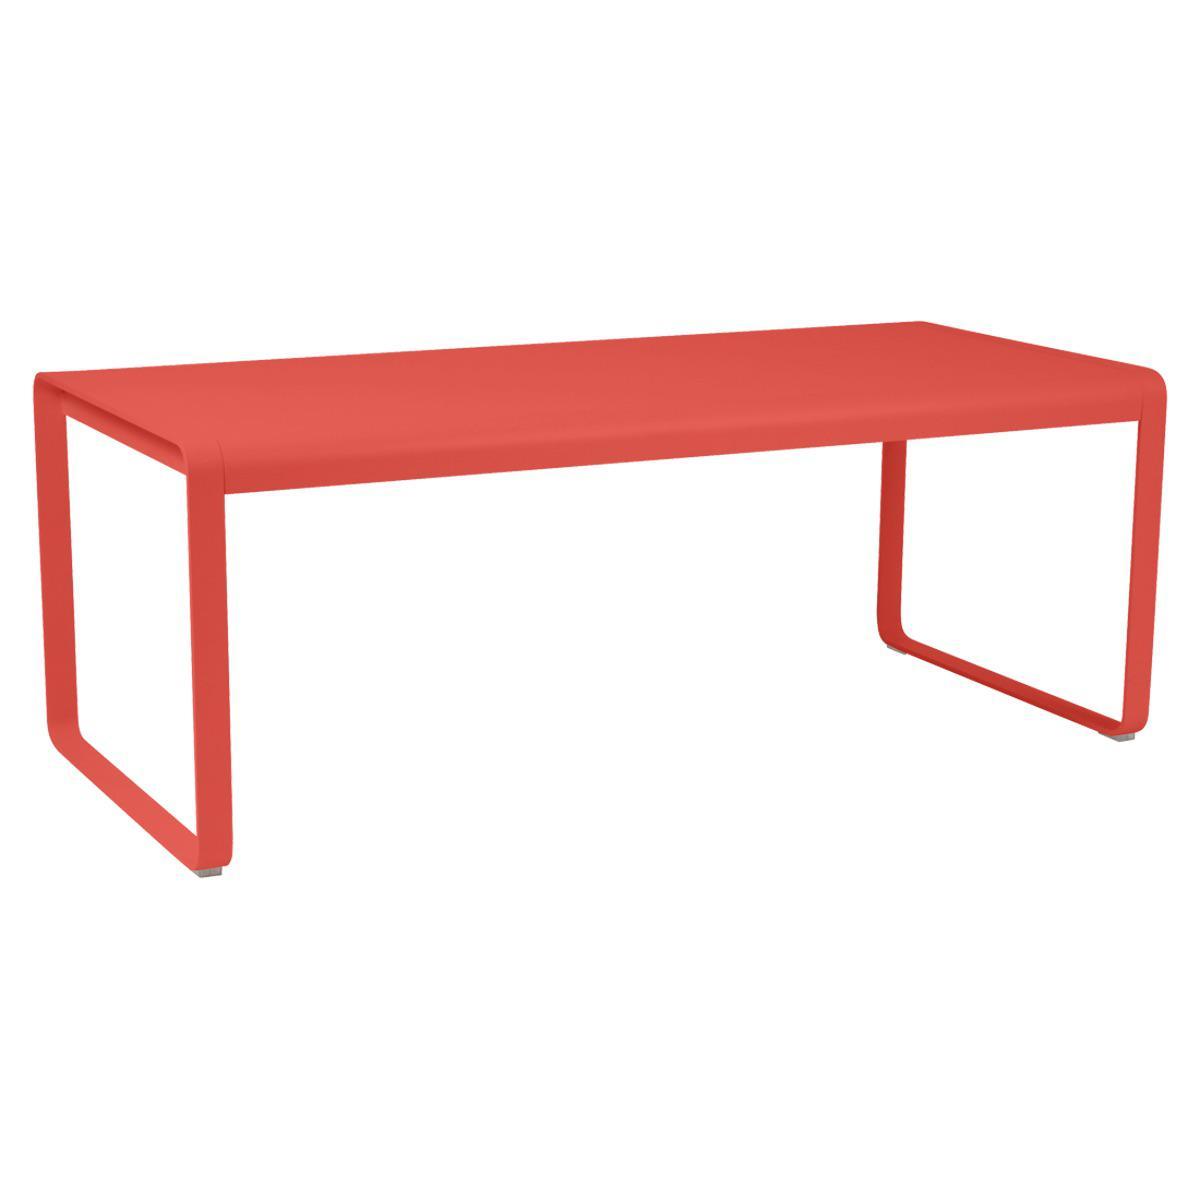 Table 90x196cm BELLEVIE PREMIUM Fermob  orange capucine